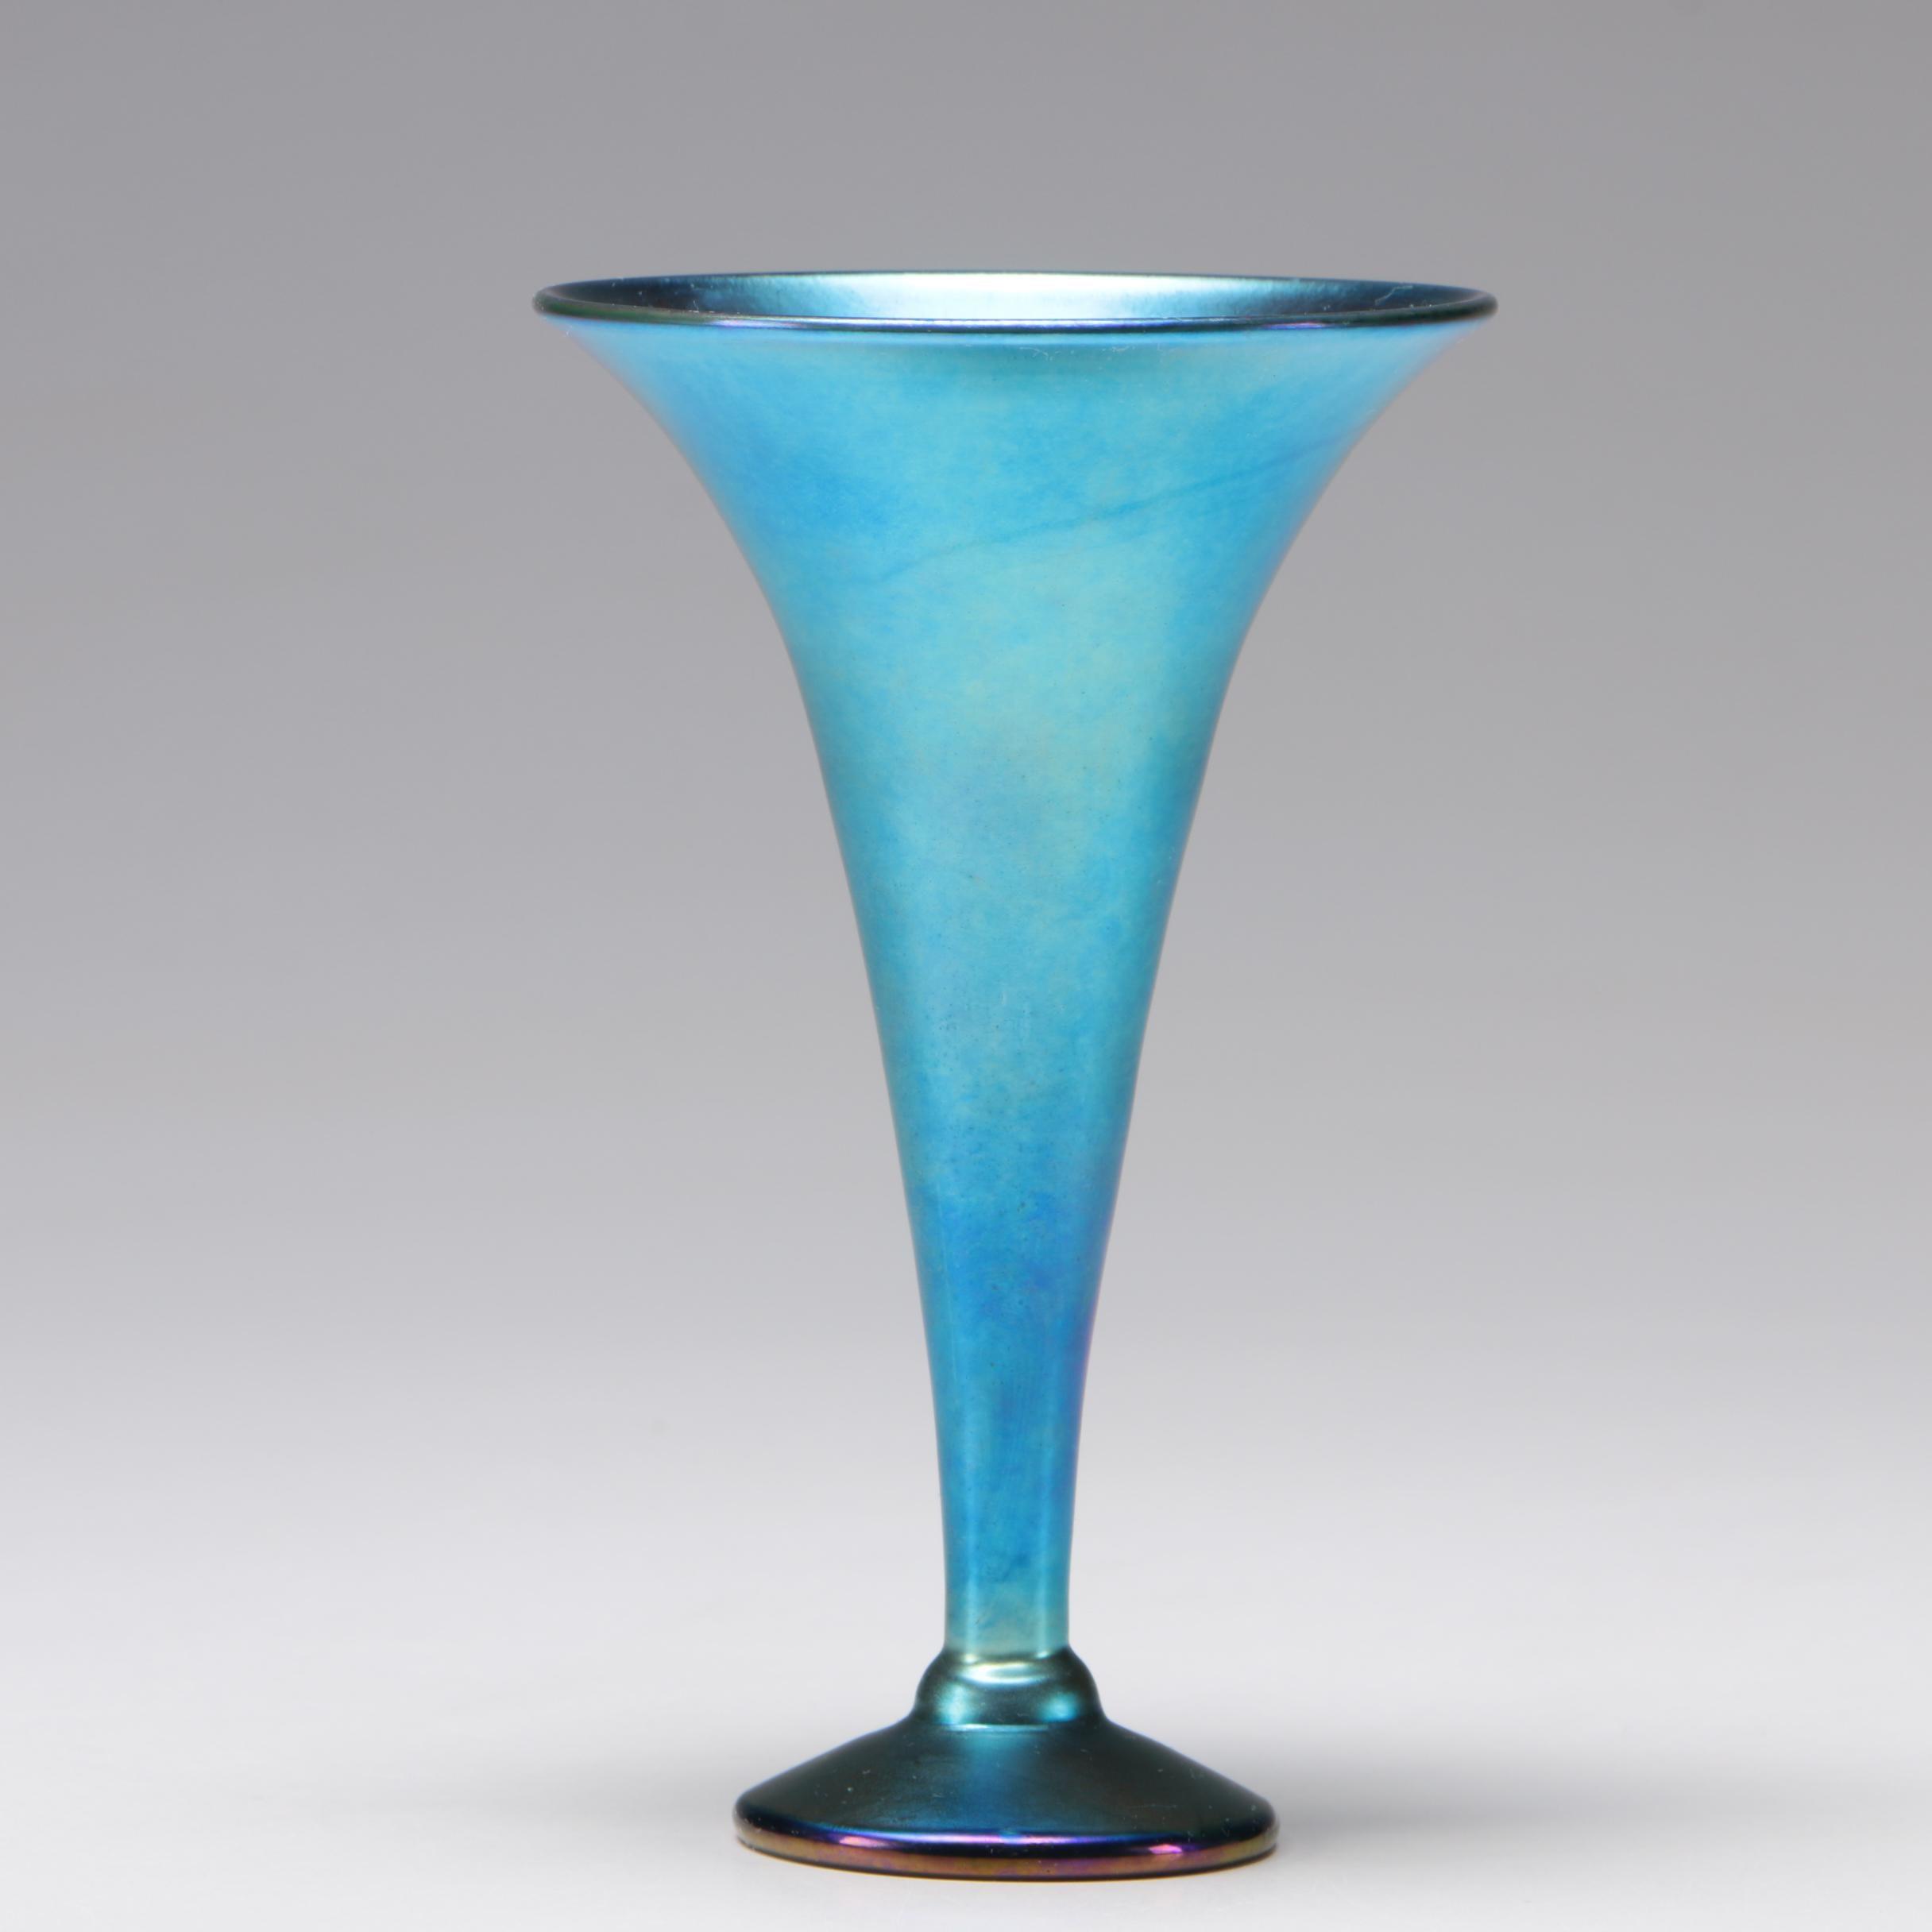 Steven Lundberg Blue Iridescent Art Glass Vase, 1999